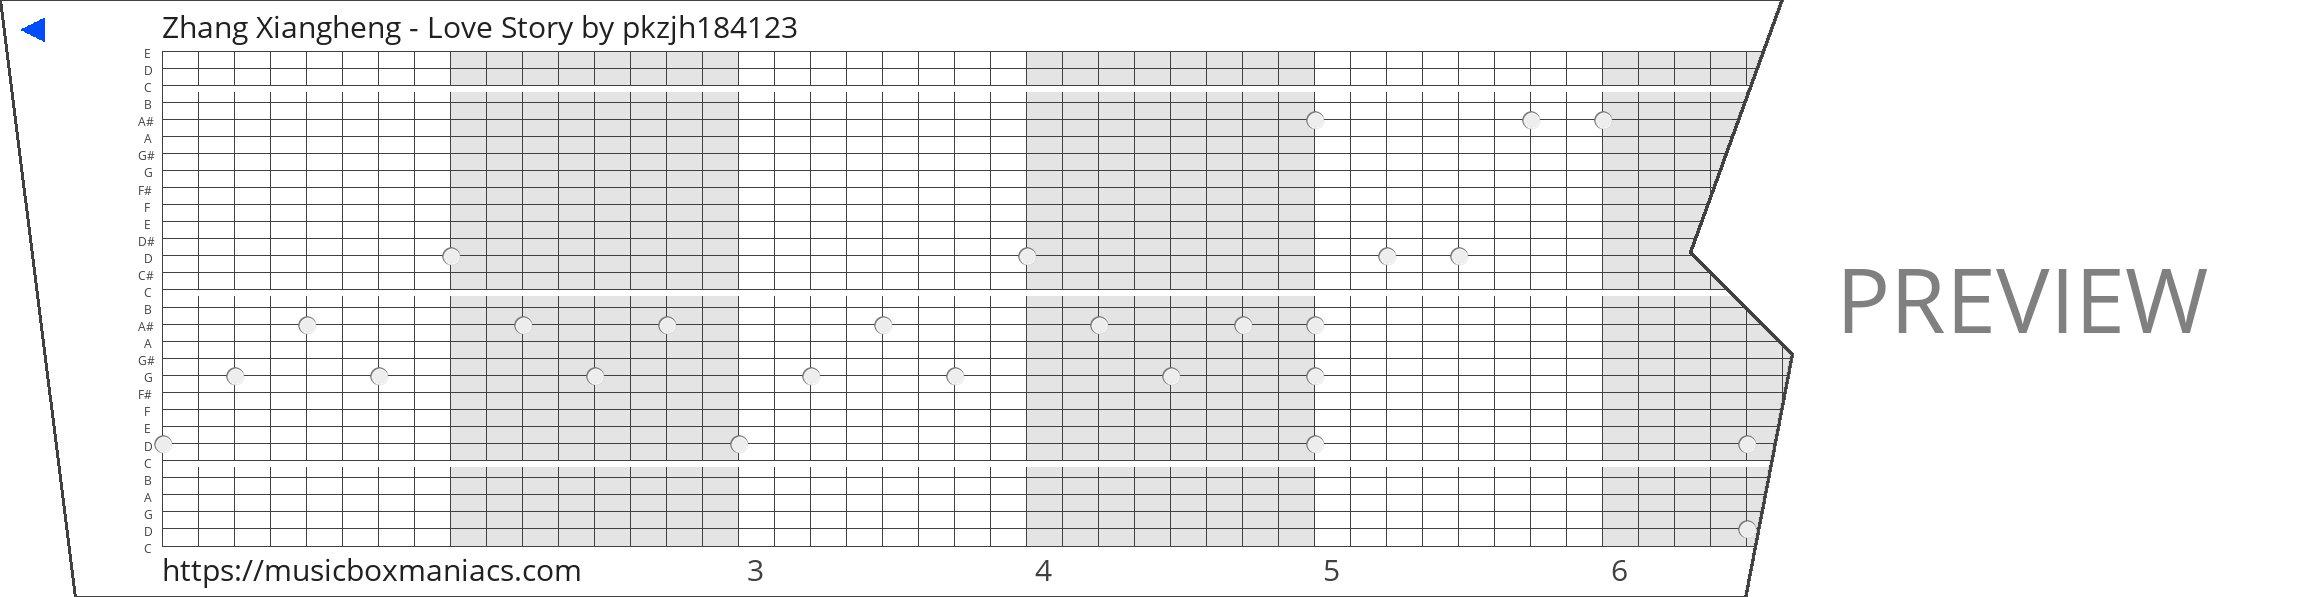 Zhang Xiangheng - Love Story 30 note music box paper strip